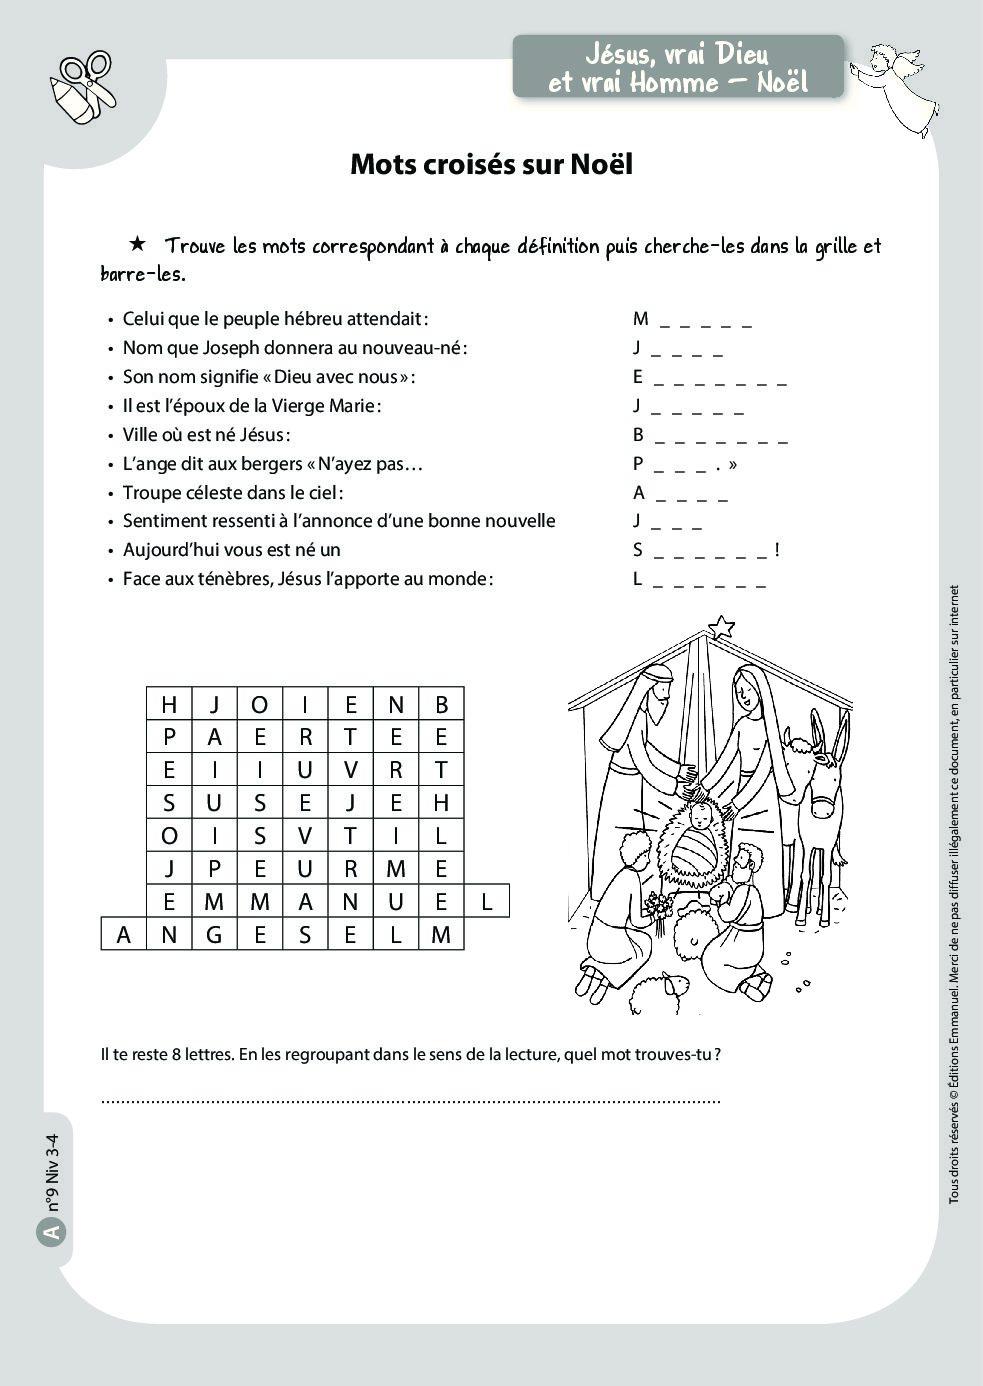 Mots Croisés Sur Noël - Catéchisme Emmanuel intérieur Mots Mélés Imprimer Pdf